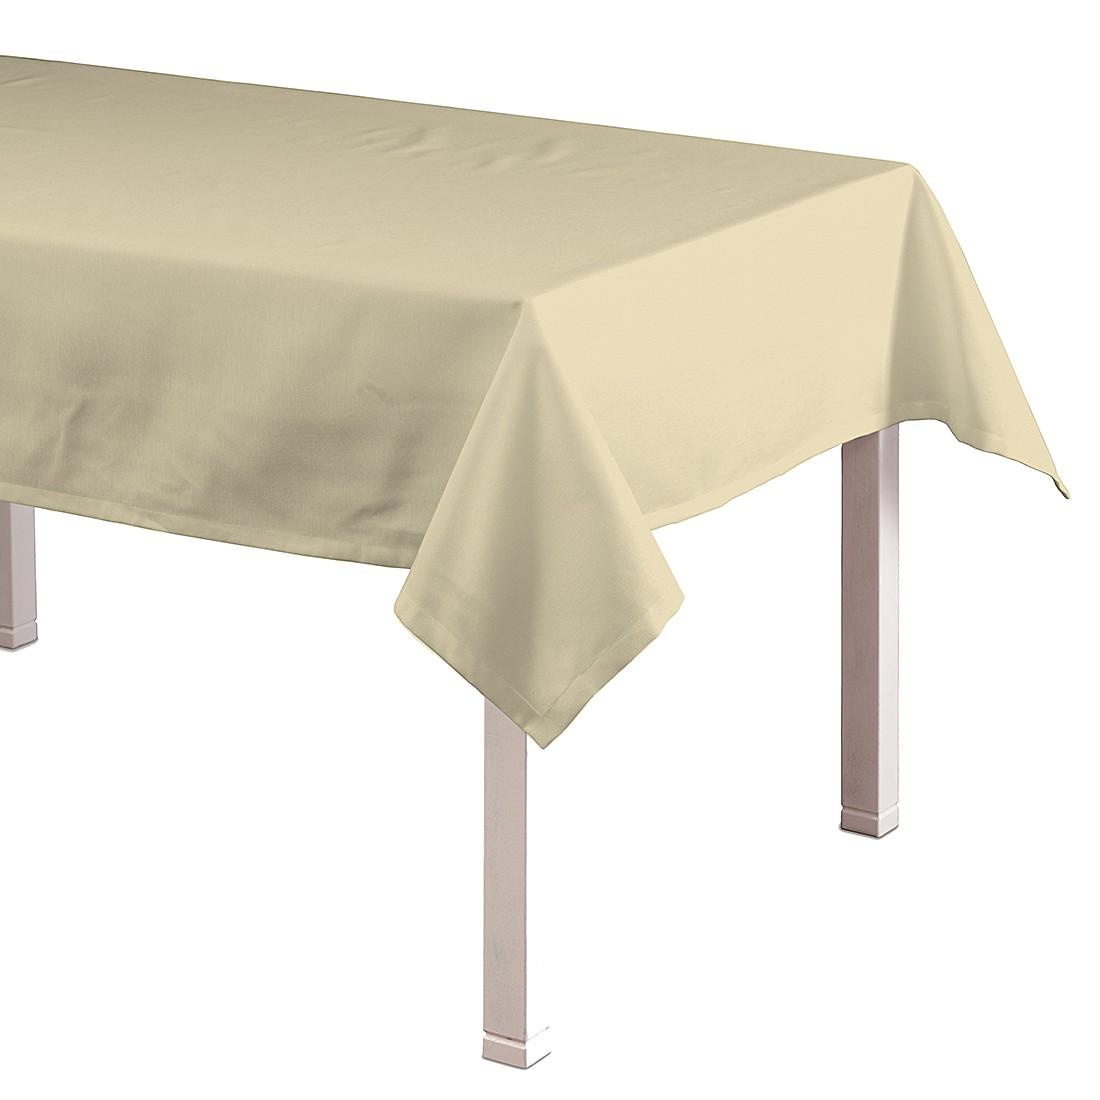 Tafelkleed Loneta - Beige - 130x130cm, Dekoria